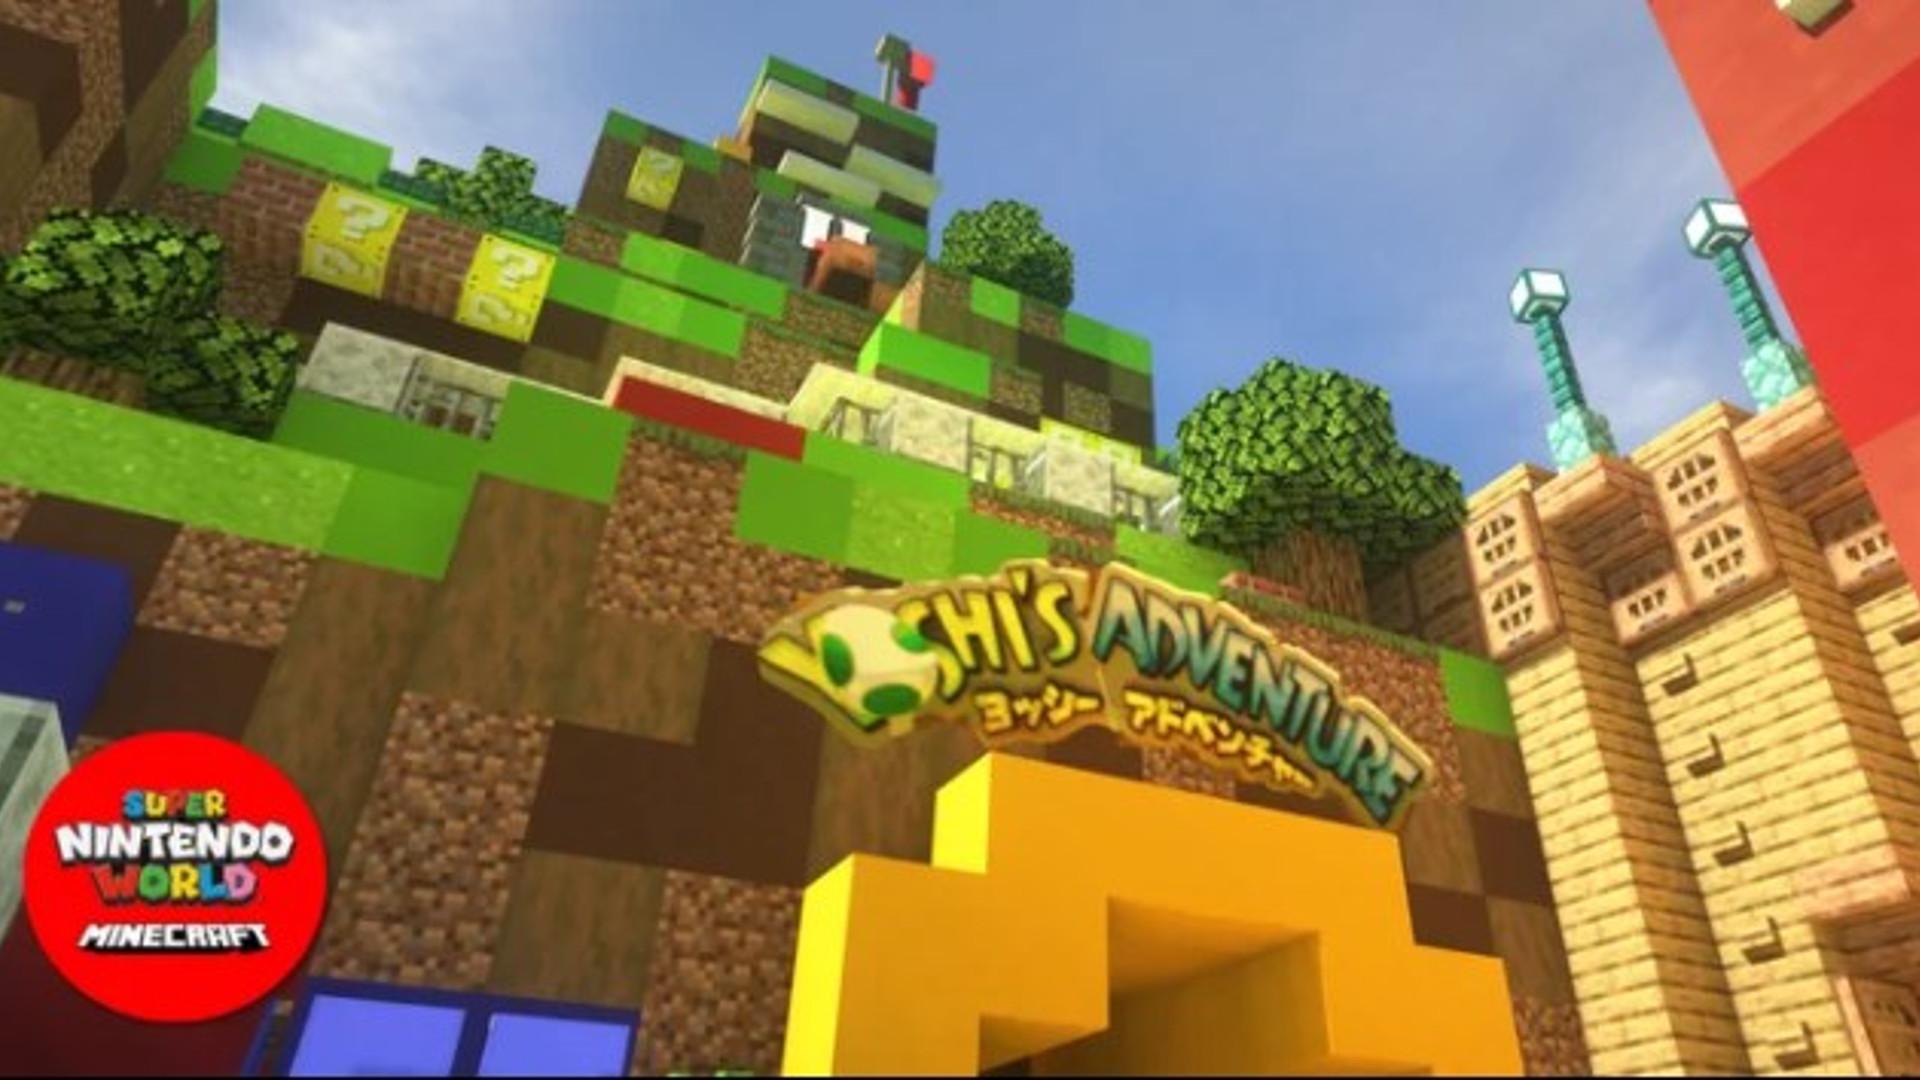 Die Super Nintendo World wird in Minecraft gebaut